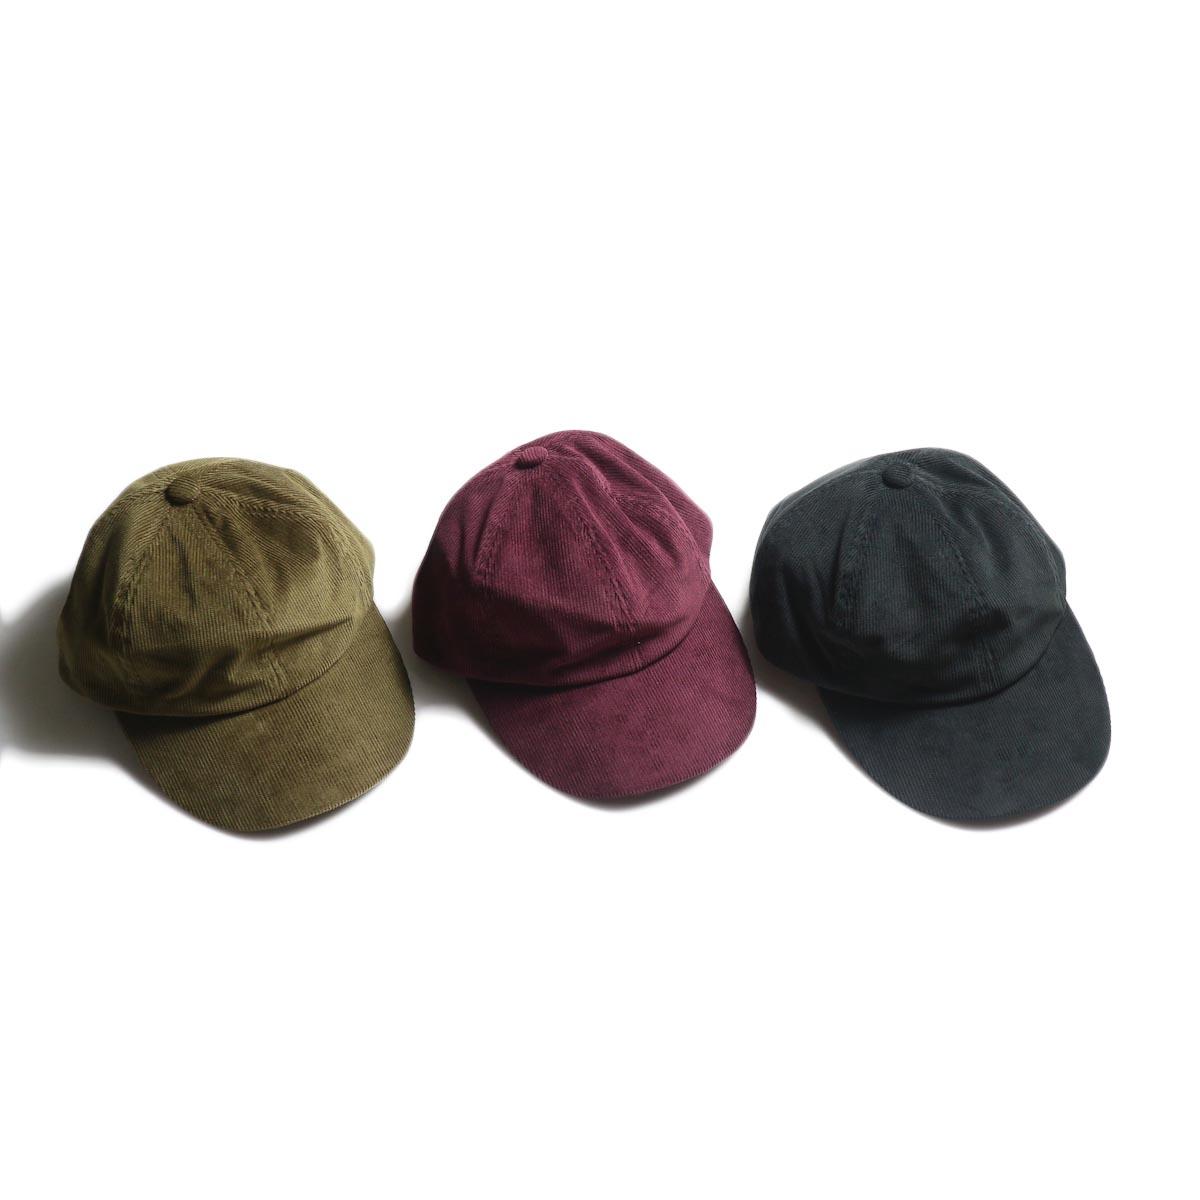 COMESANDGOES / corduroy cap (NO.15559)